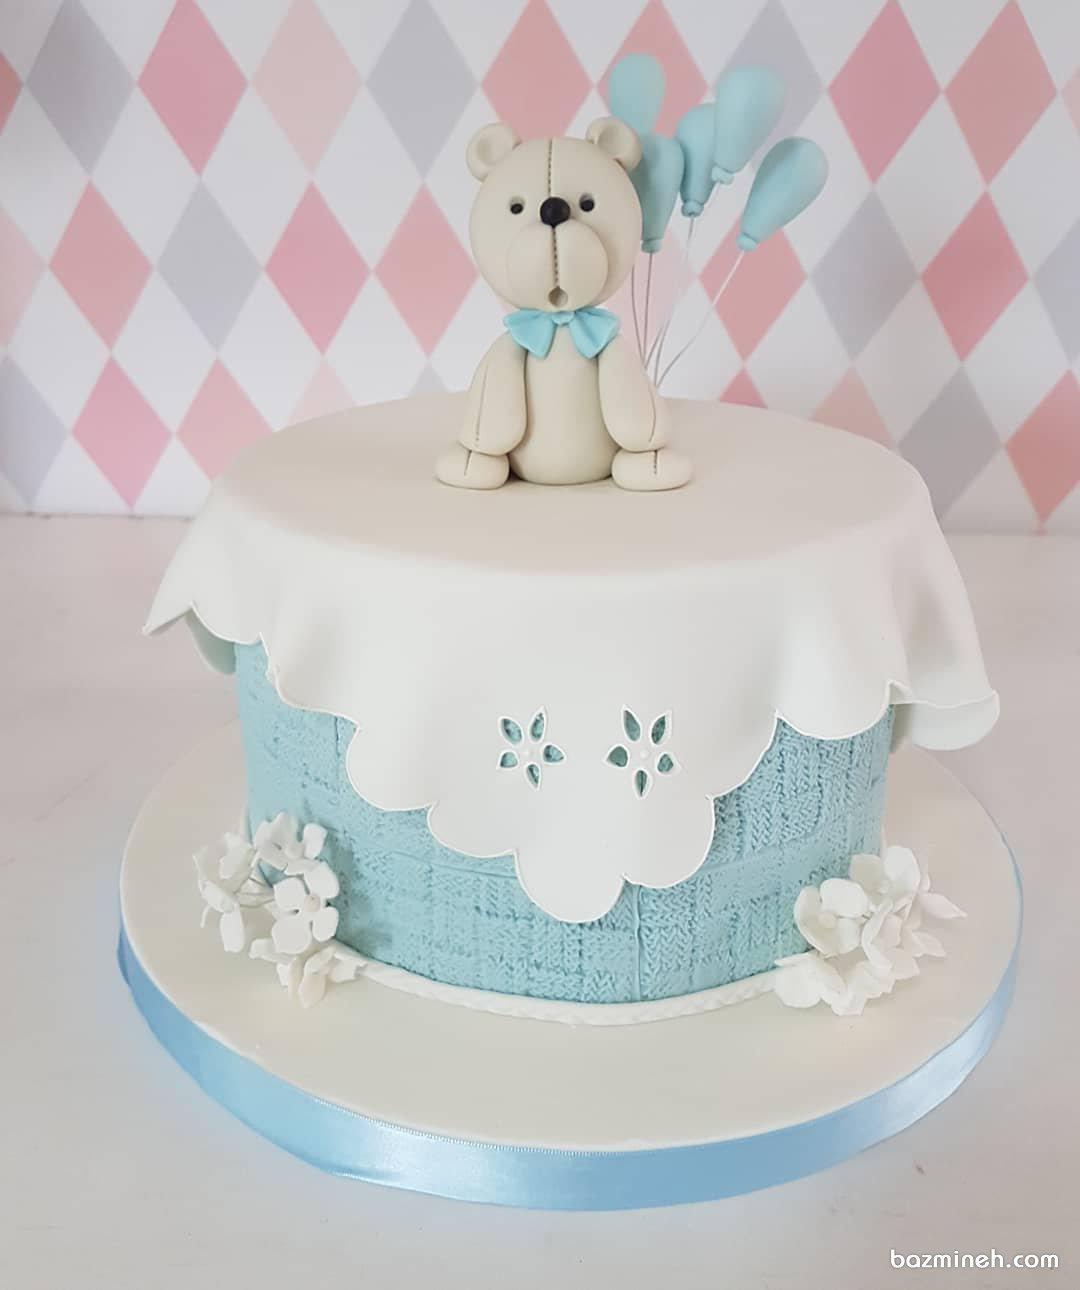 مینی کیک بامزه جشن تولد پسرونه یا تعیین جنسیت با تم خرسی آبی سفید